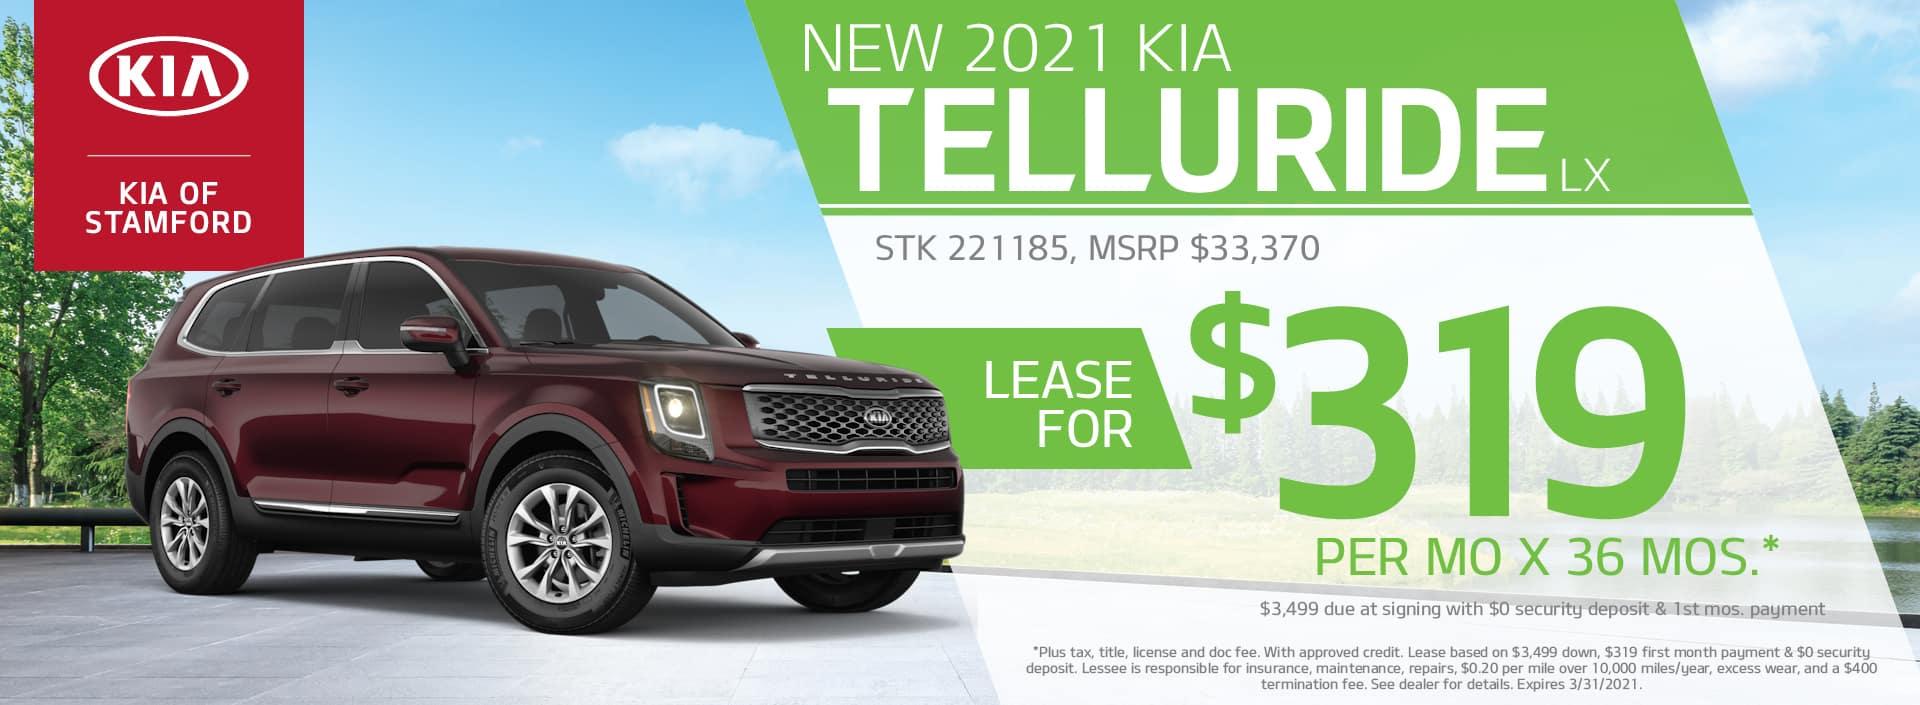 2021 Kia Telluride Lease Offer | Kia of Stamford